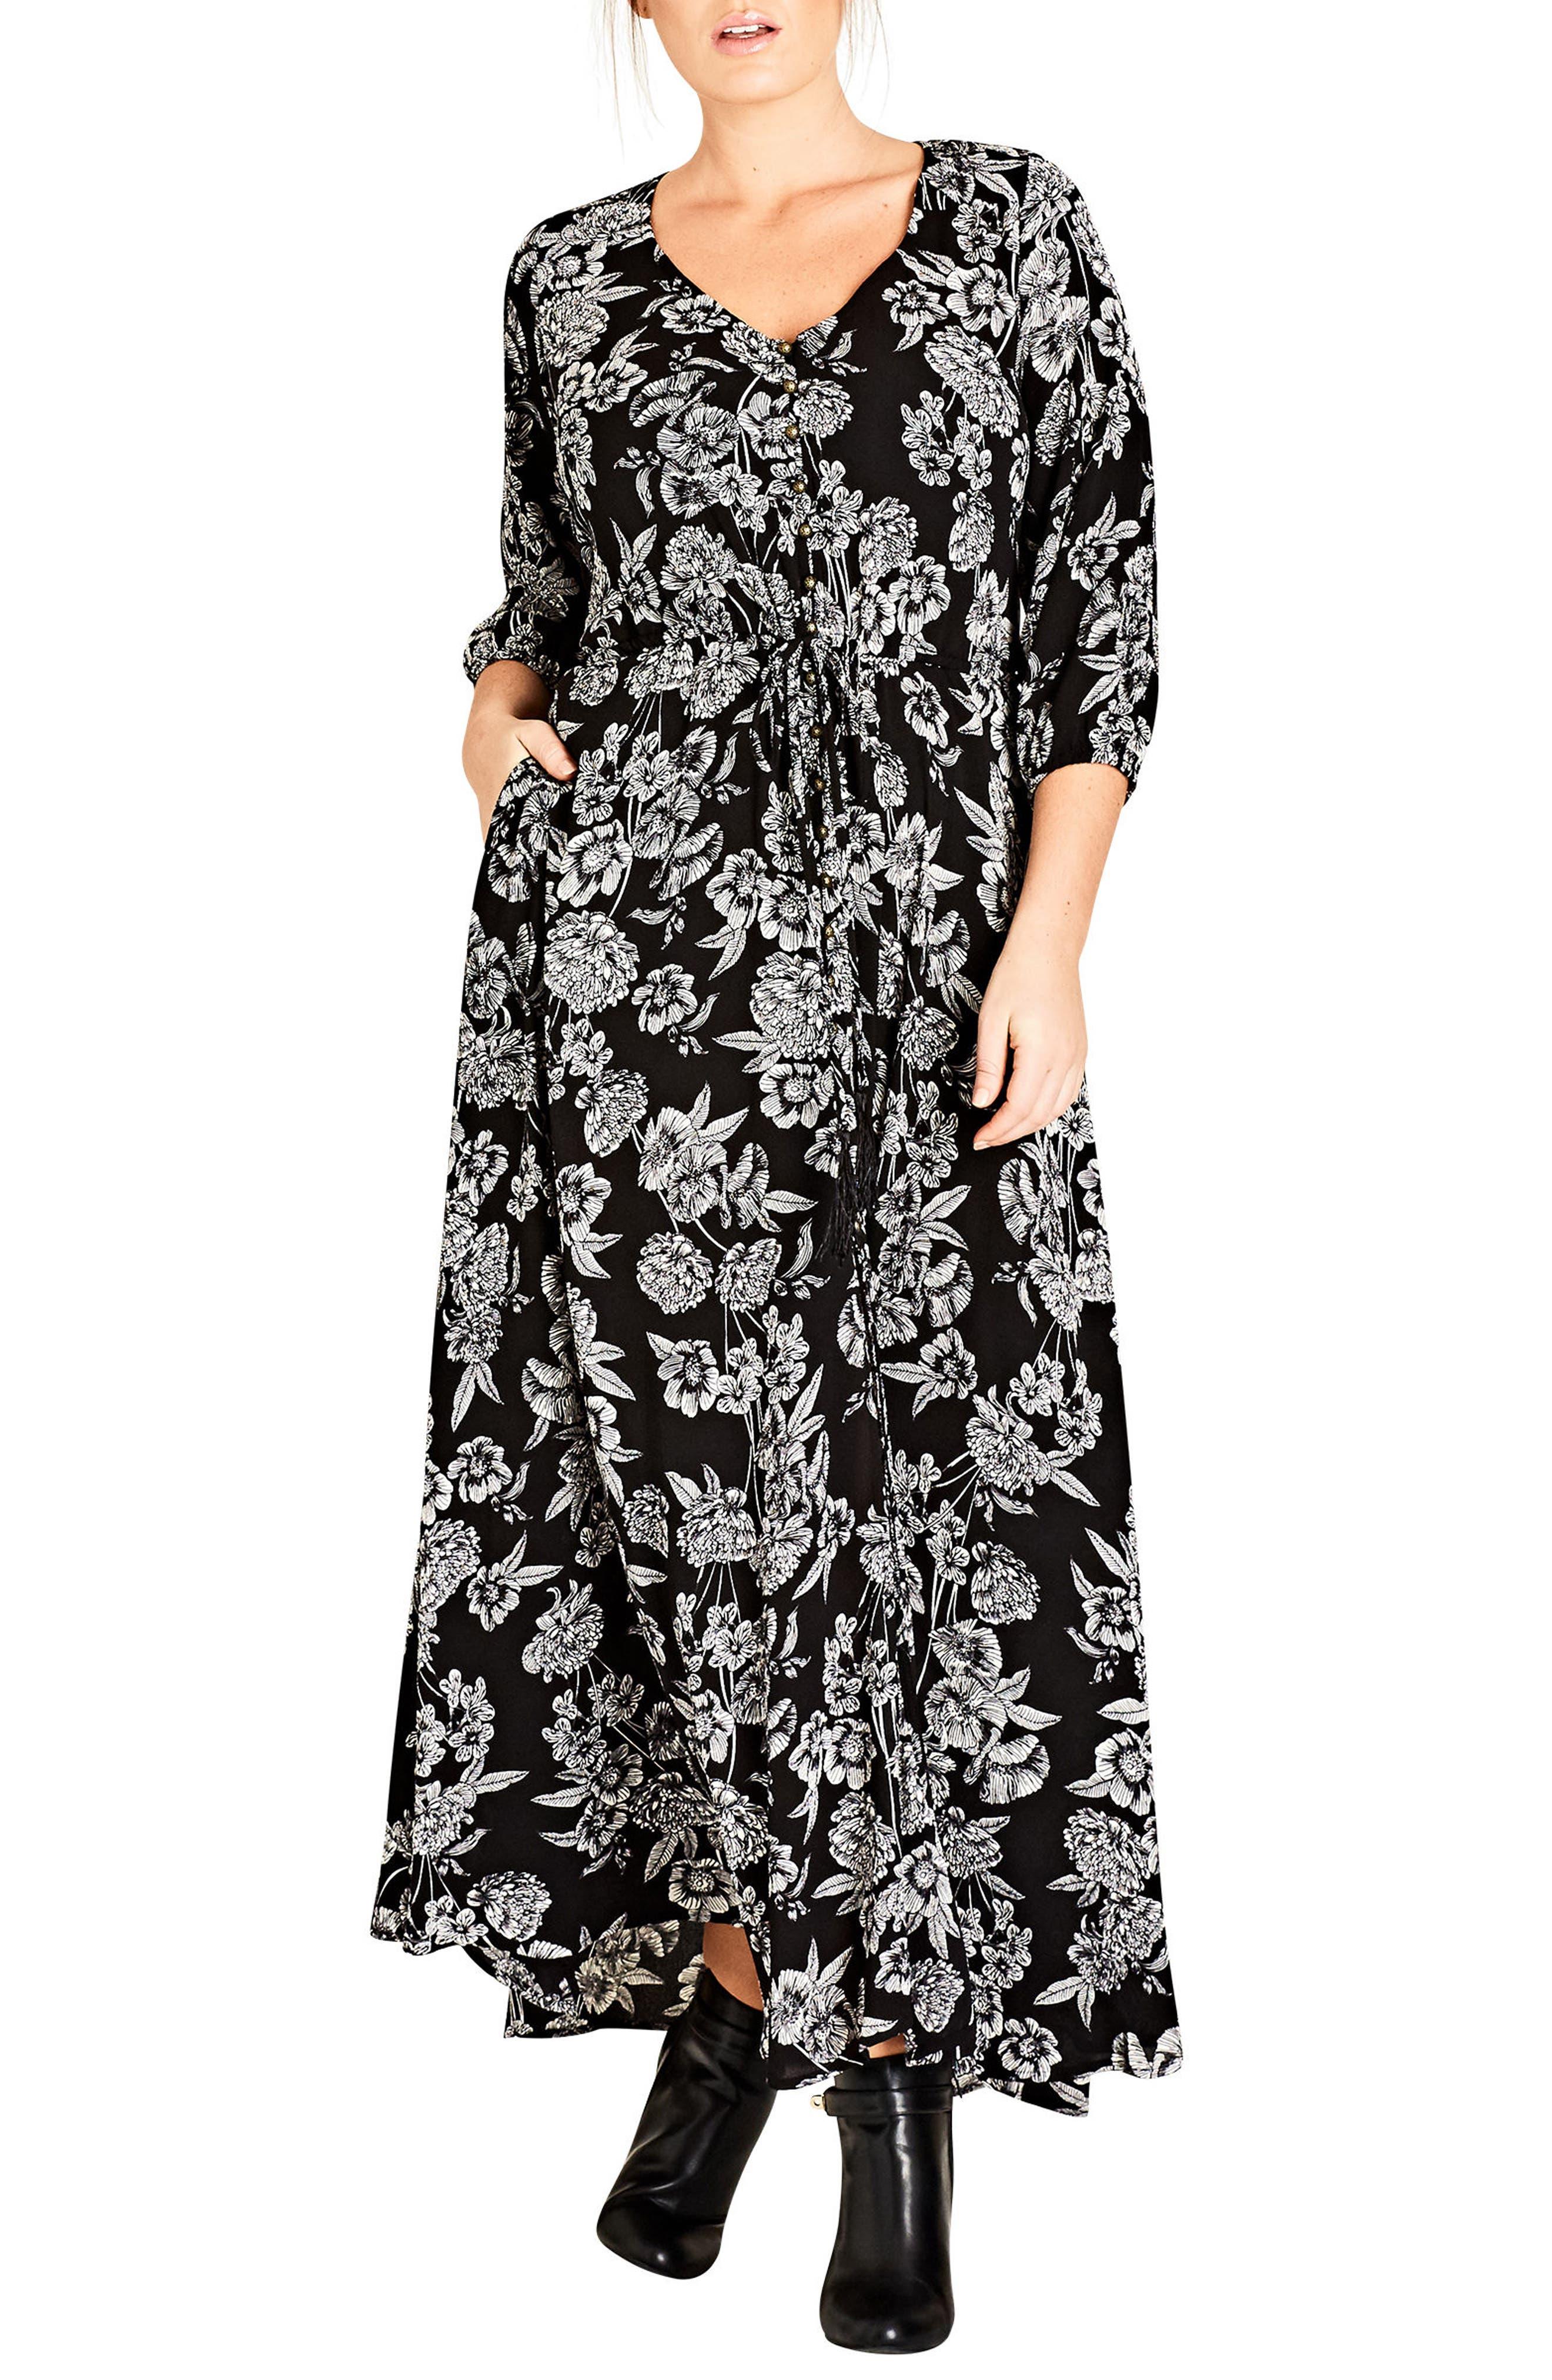 Bloomsbury Maxi Dress,                             Main thumbnail 1, color,                             001